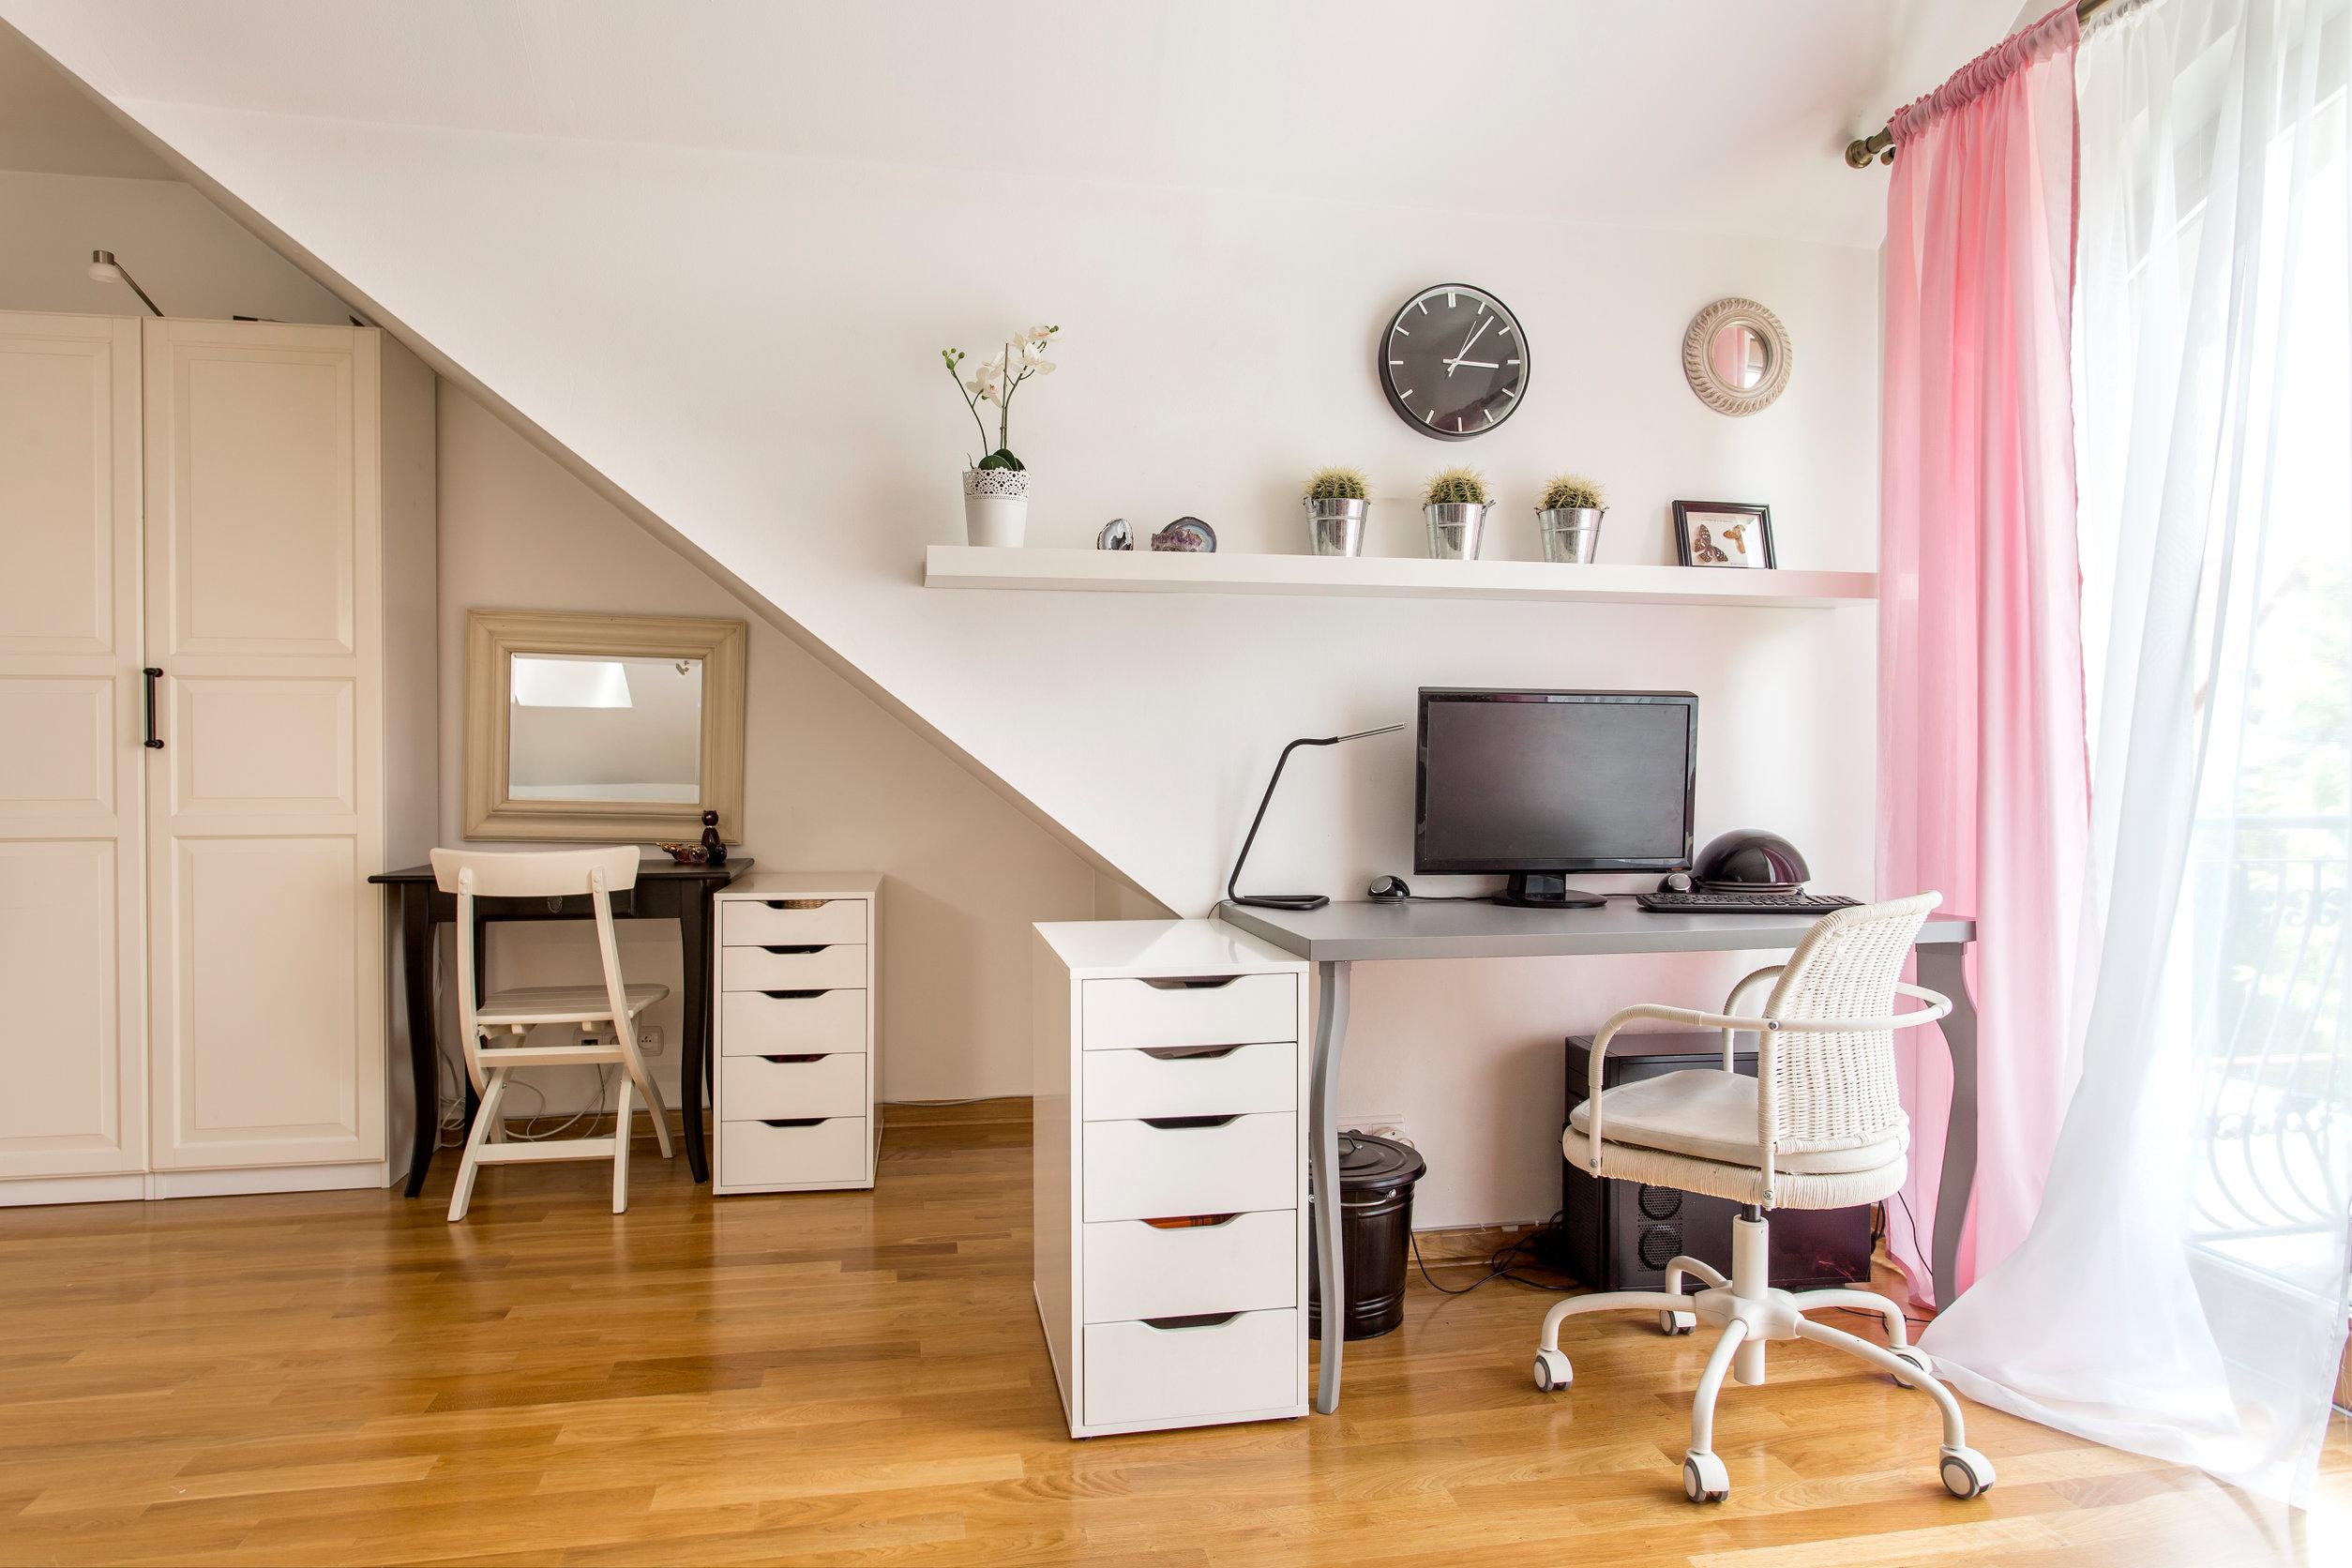 Sala de oficina en casa con escritorio, cómoda, armario, sillas, y ventana